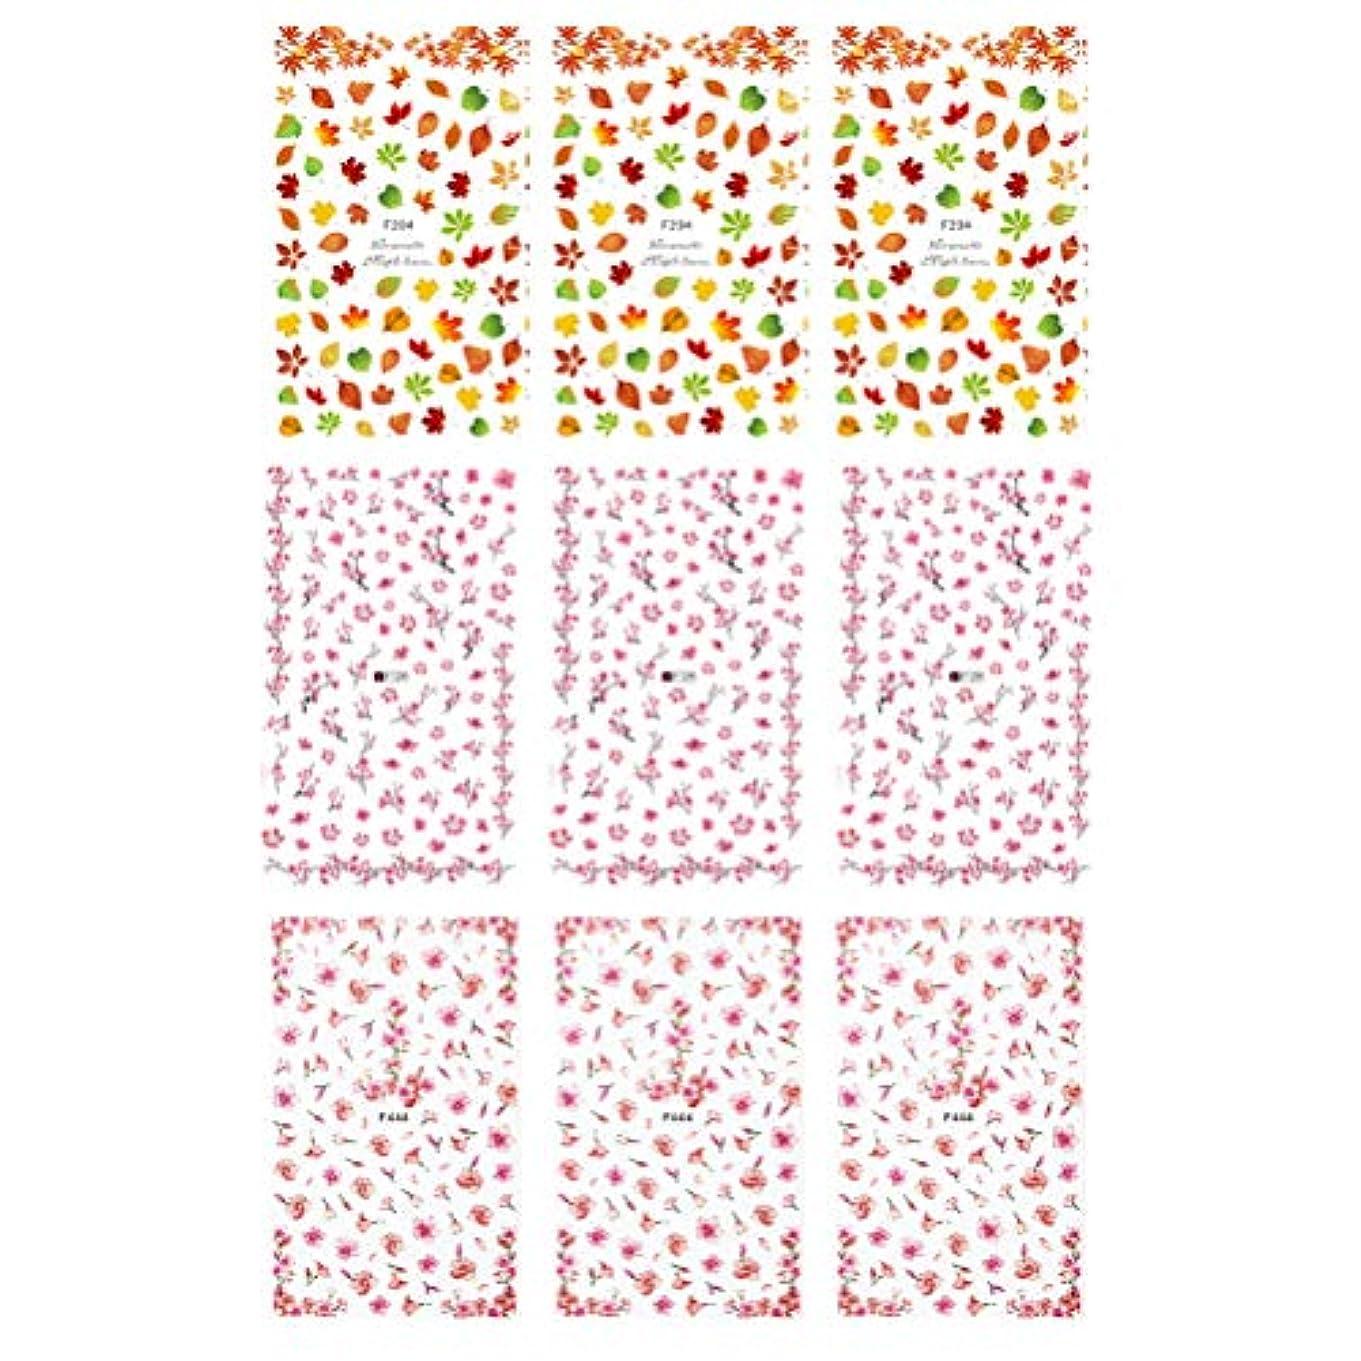 マットひねりアダルトFrcolor ネイルシール 花 3D ネイルステッカー 水彩風 ネイルホイル ももの花 桜 ネイルアートシール 爪に貼るだけ マニキュア 3種類 9枚セット